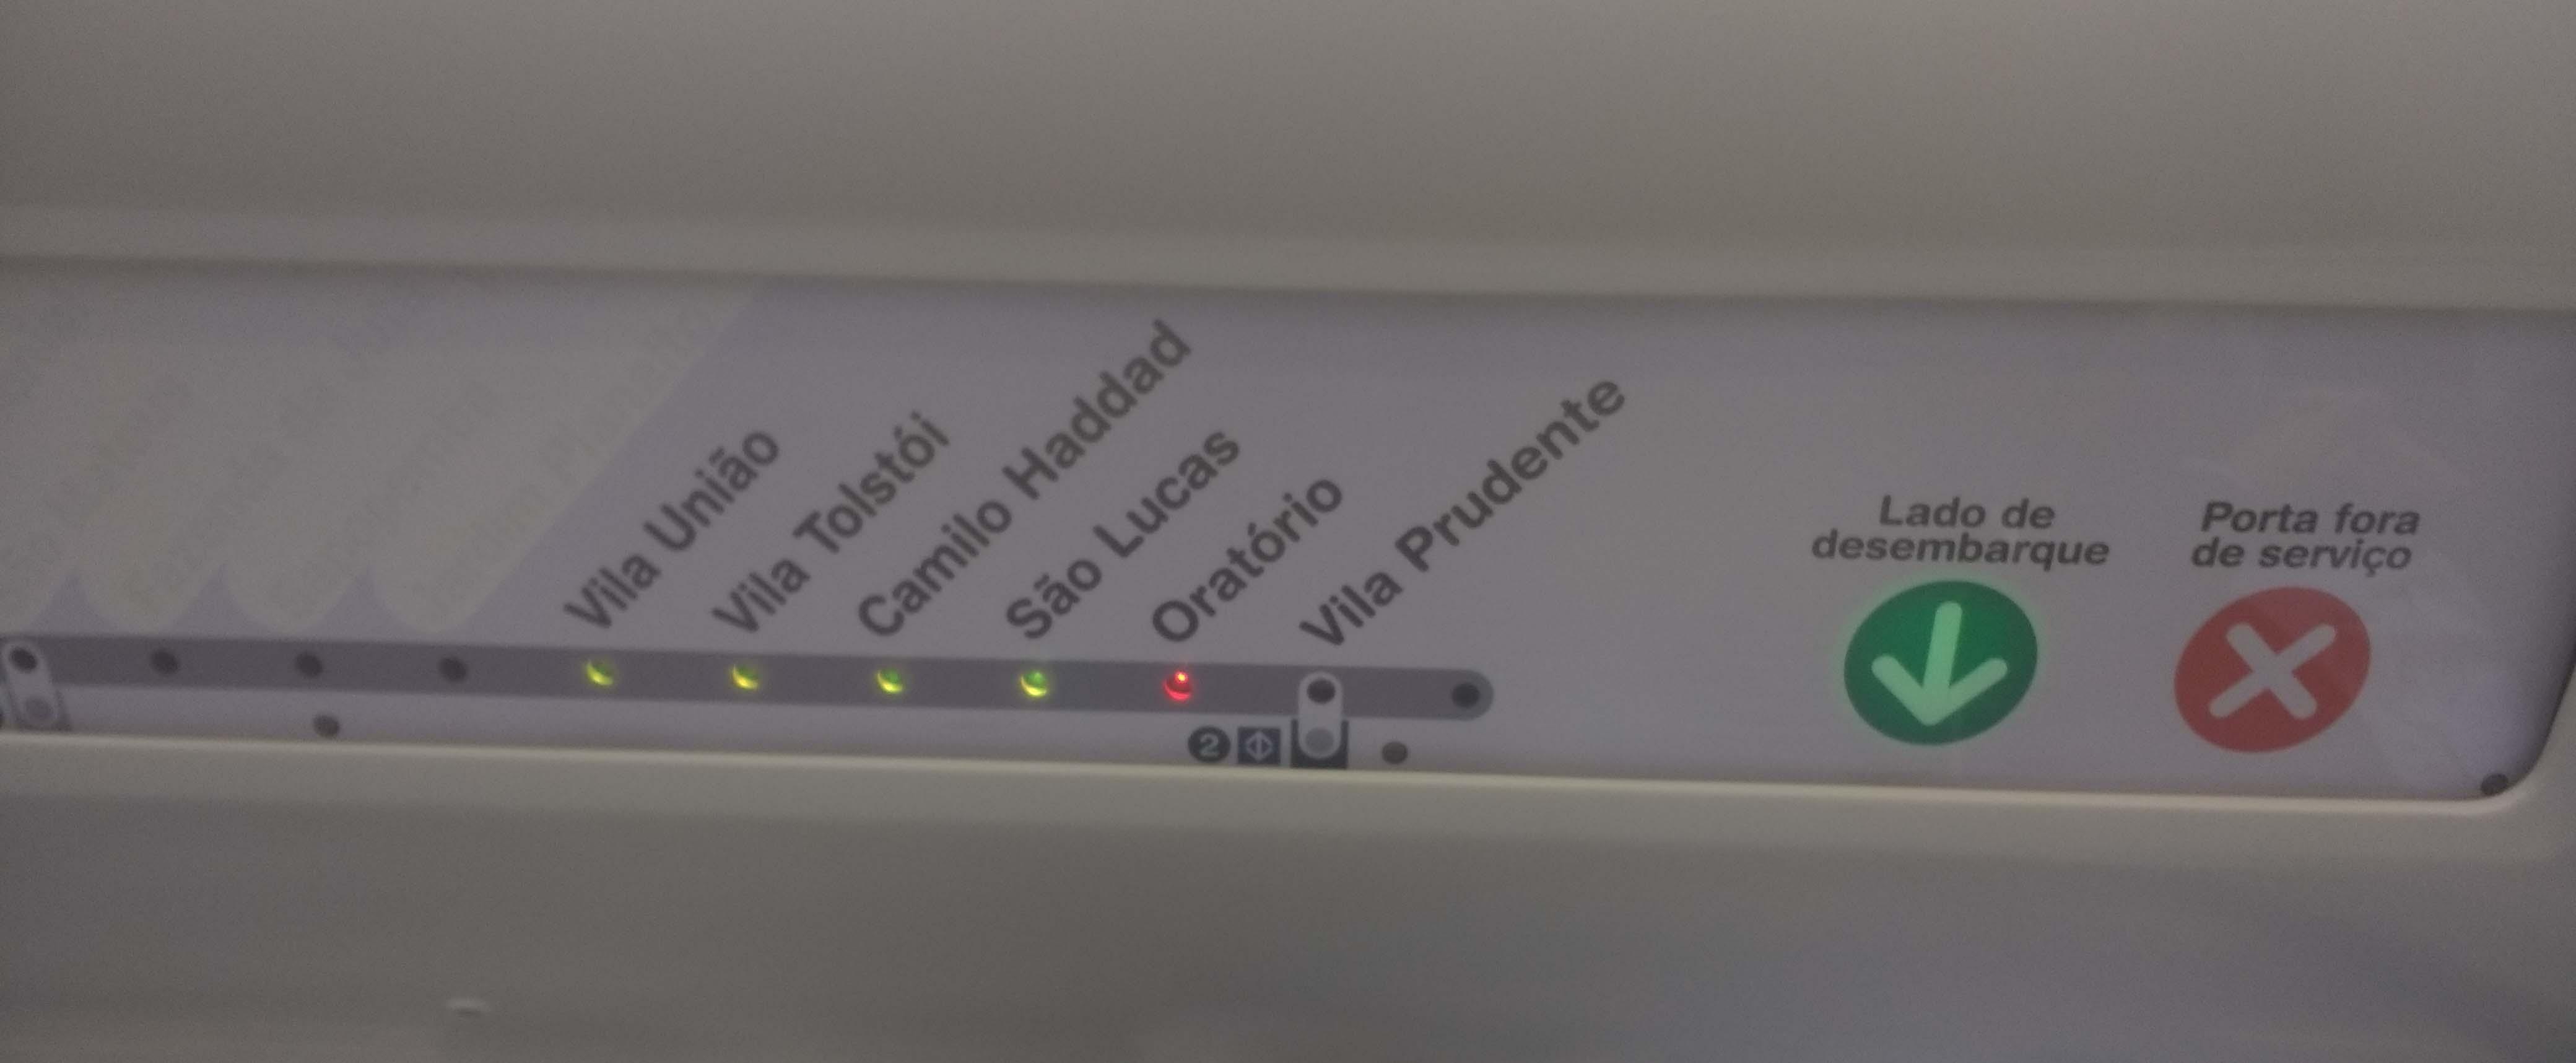 estações da linha 15 prata